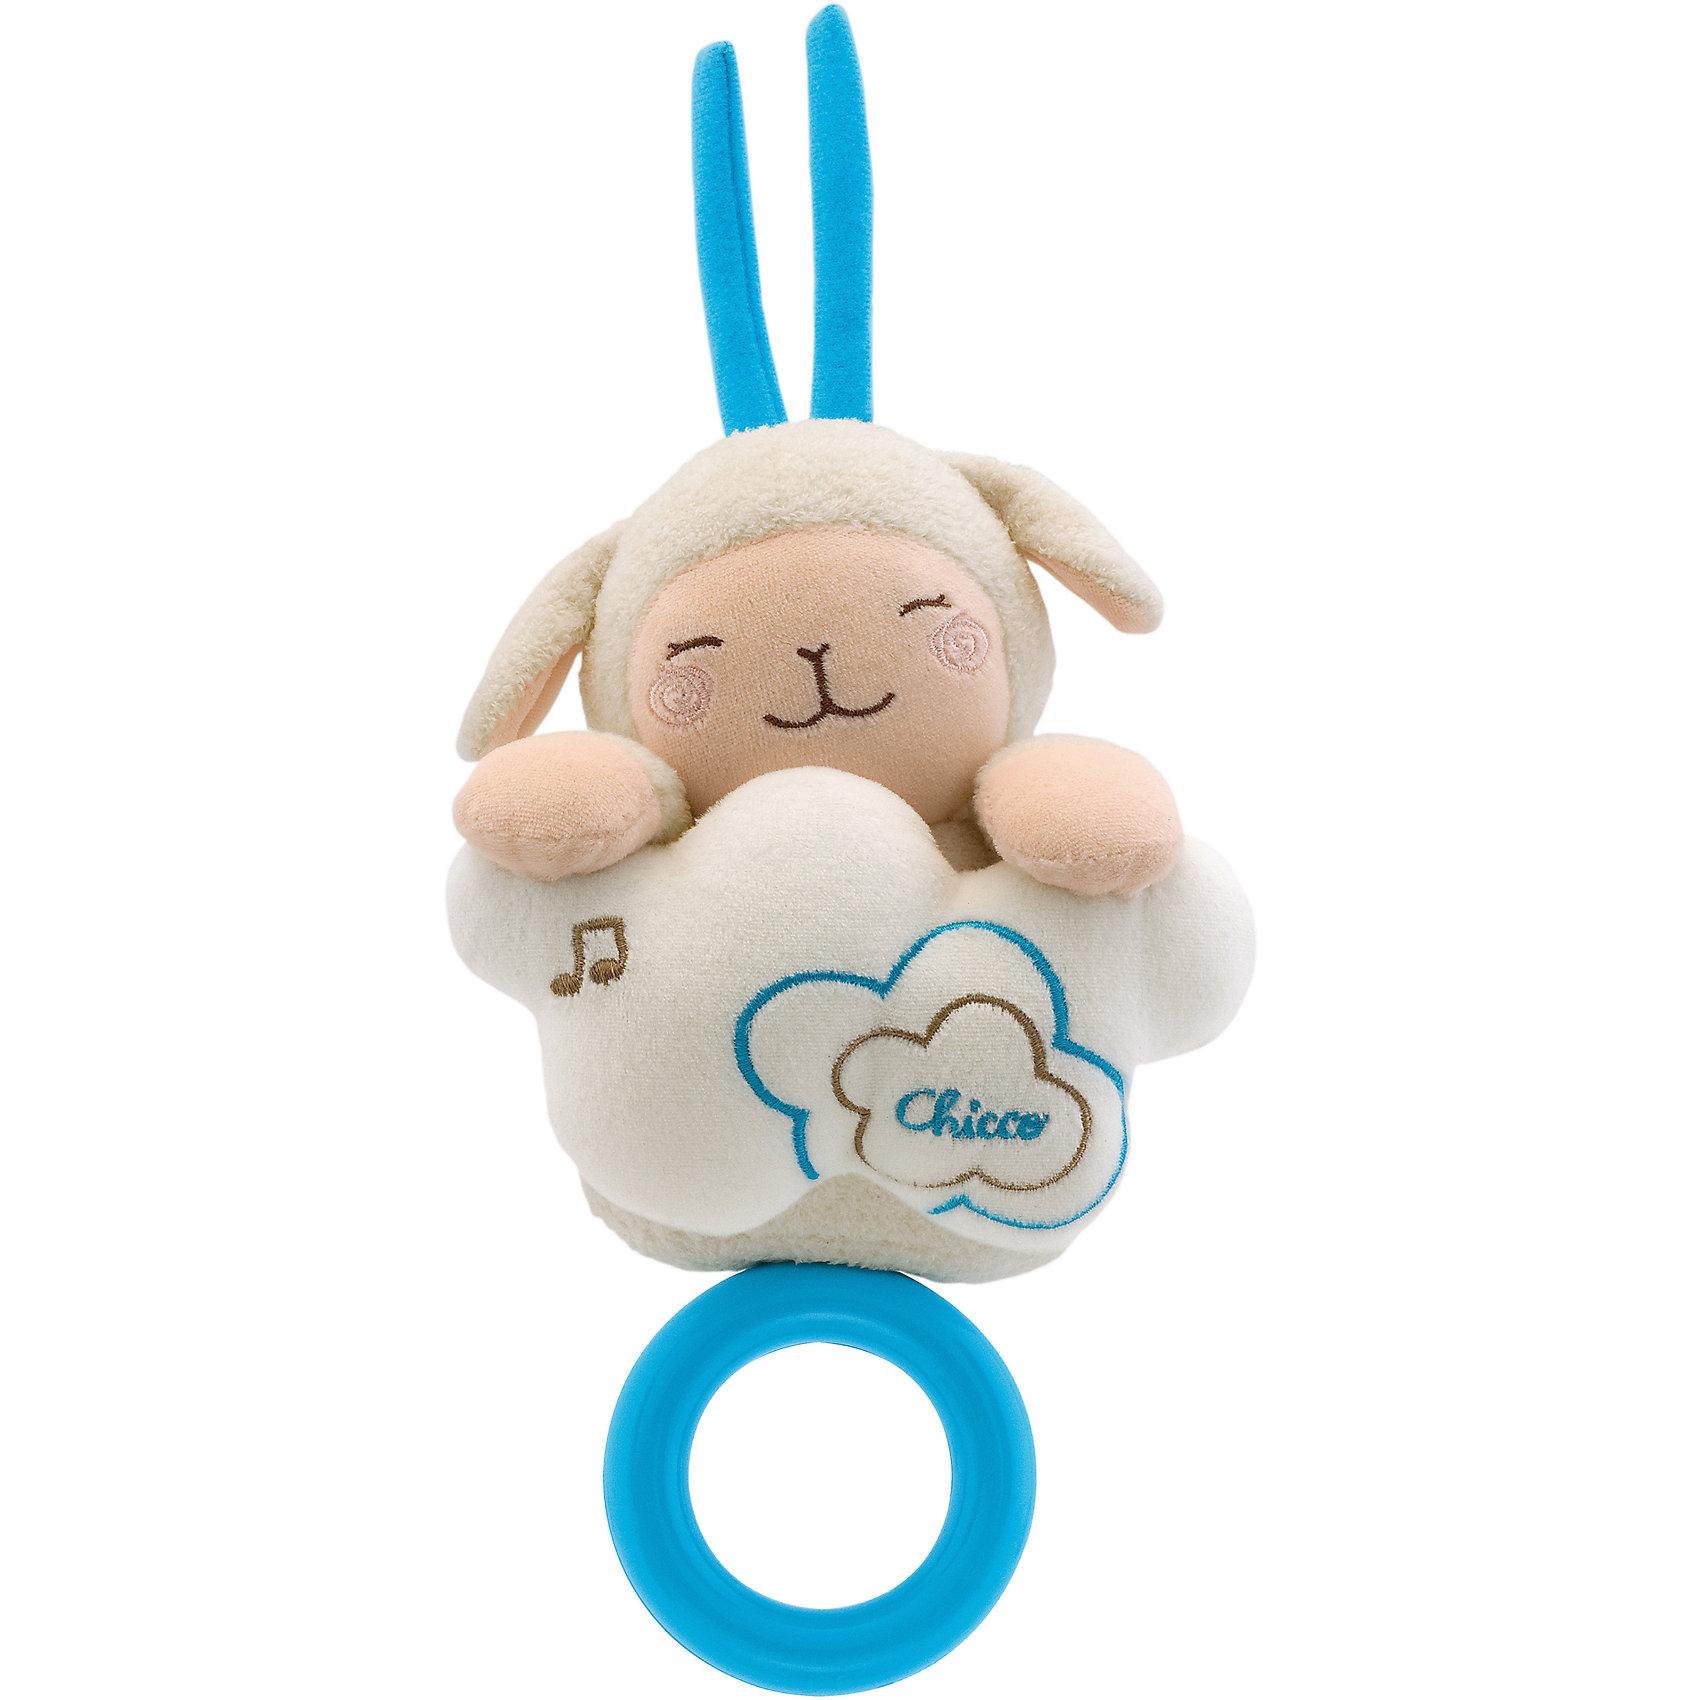 Музыкальная игрушка Овечка – Сладких снов, ChiccoПодвески<br>Музыкальная игрушка Овечка – Сладких снов, Chicco (Чикко).<br><br>Характеристики:<br><br>• Размер: 13,5 x 15 x 6,5 см. без кольца<br>• Мелодия: Колыбельная<br>• Цвет: молочный, голубой.<br><br>Замечательная музыкальная мягкая игрушка для малышей от известного бренда Chicco (Чикко). Милая мордашка овечки обязательно привлечет внимание вашего малыша, мелодичная колыбельная мягко и нежно убаюкает его, едва потянуть ее за пластмассовое колечко. Овечка и облачко выполнены из мягких приятных на ощупь материалов. <br><br>Музыкальную игрушку Овечка – Сладких снов, Chicco (Чикко), можно купить в нашем интернет-магазине.<br><br>Ширина мм: 94<br>Глубина мм: 176<br>Высота мм: 212<br>Вес г: 380<br>Возраст от месяцев: 0<br>Возраст до месяцев: 12<br>Пол: Унисекс<br>Возраст: Детский<br>SKU: 2009687